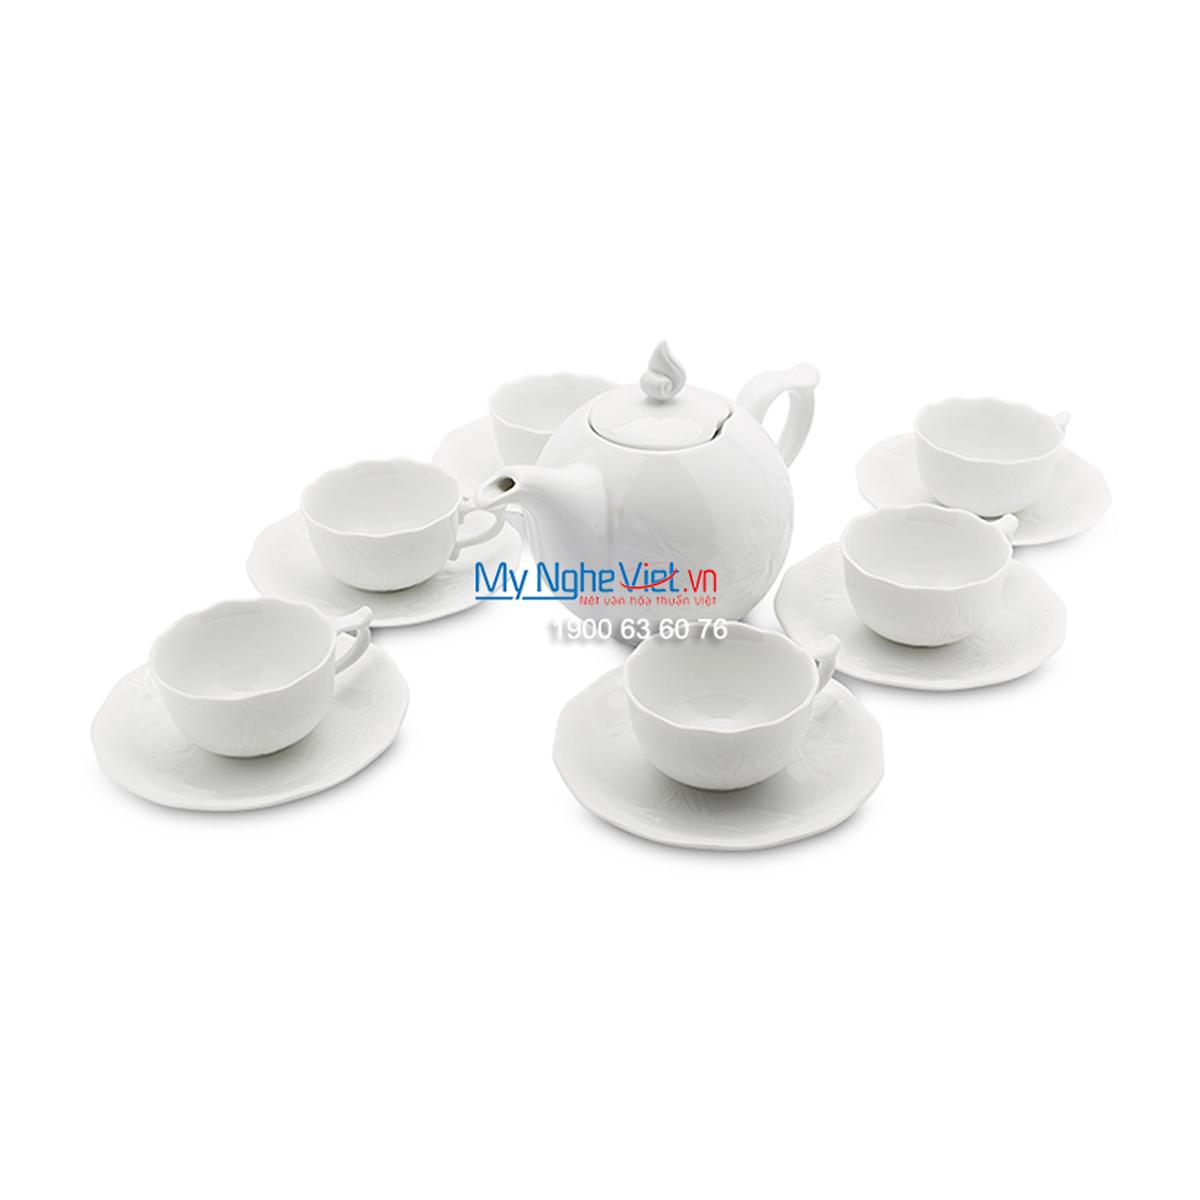 Bộ trà 0.7L – SEN – Trắng - MNV-01703000003